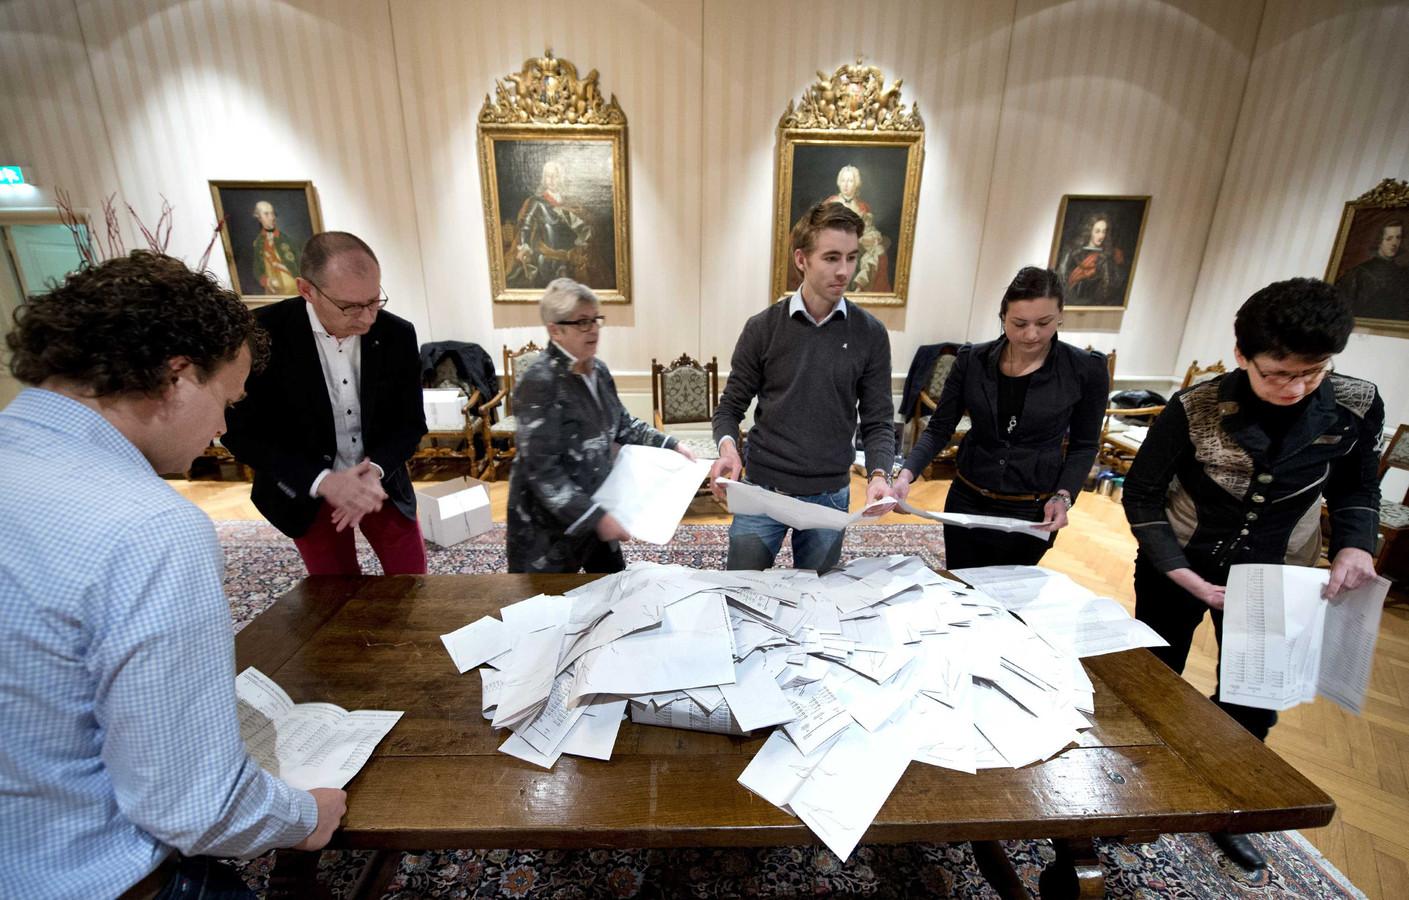 In het stadhuis van Roermond worden de stemmen geteld na de gemeenteraadsverkiezingen.